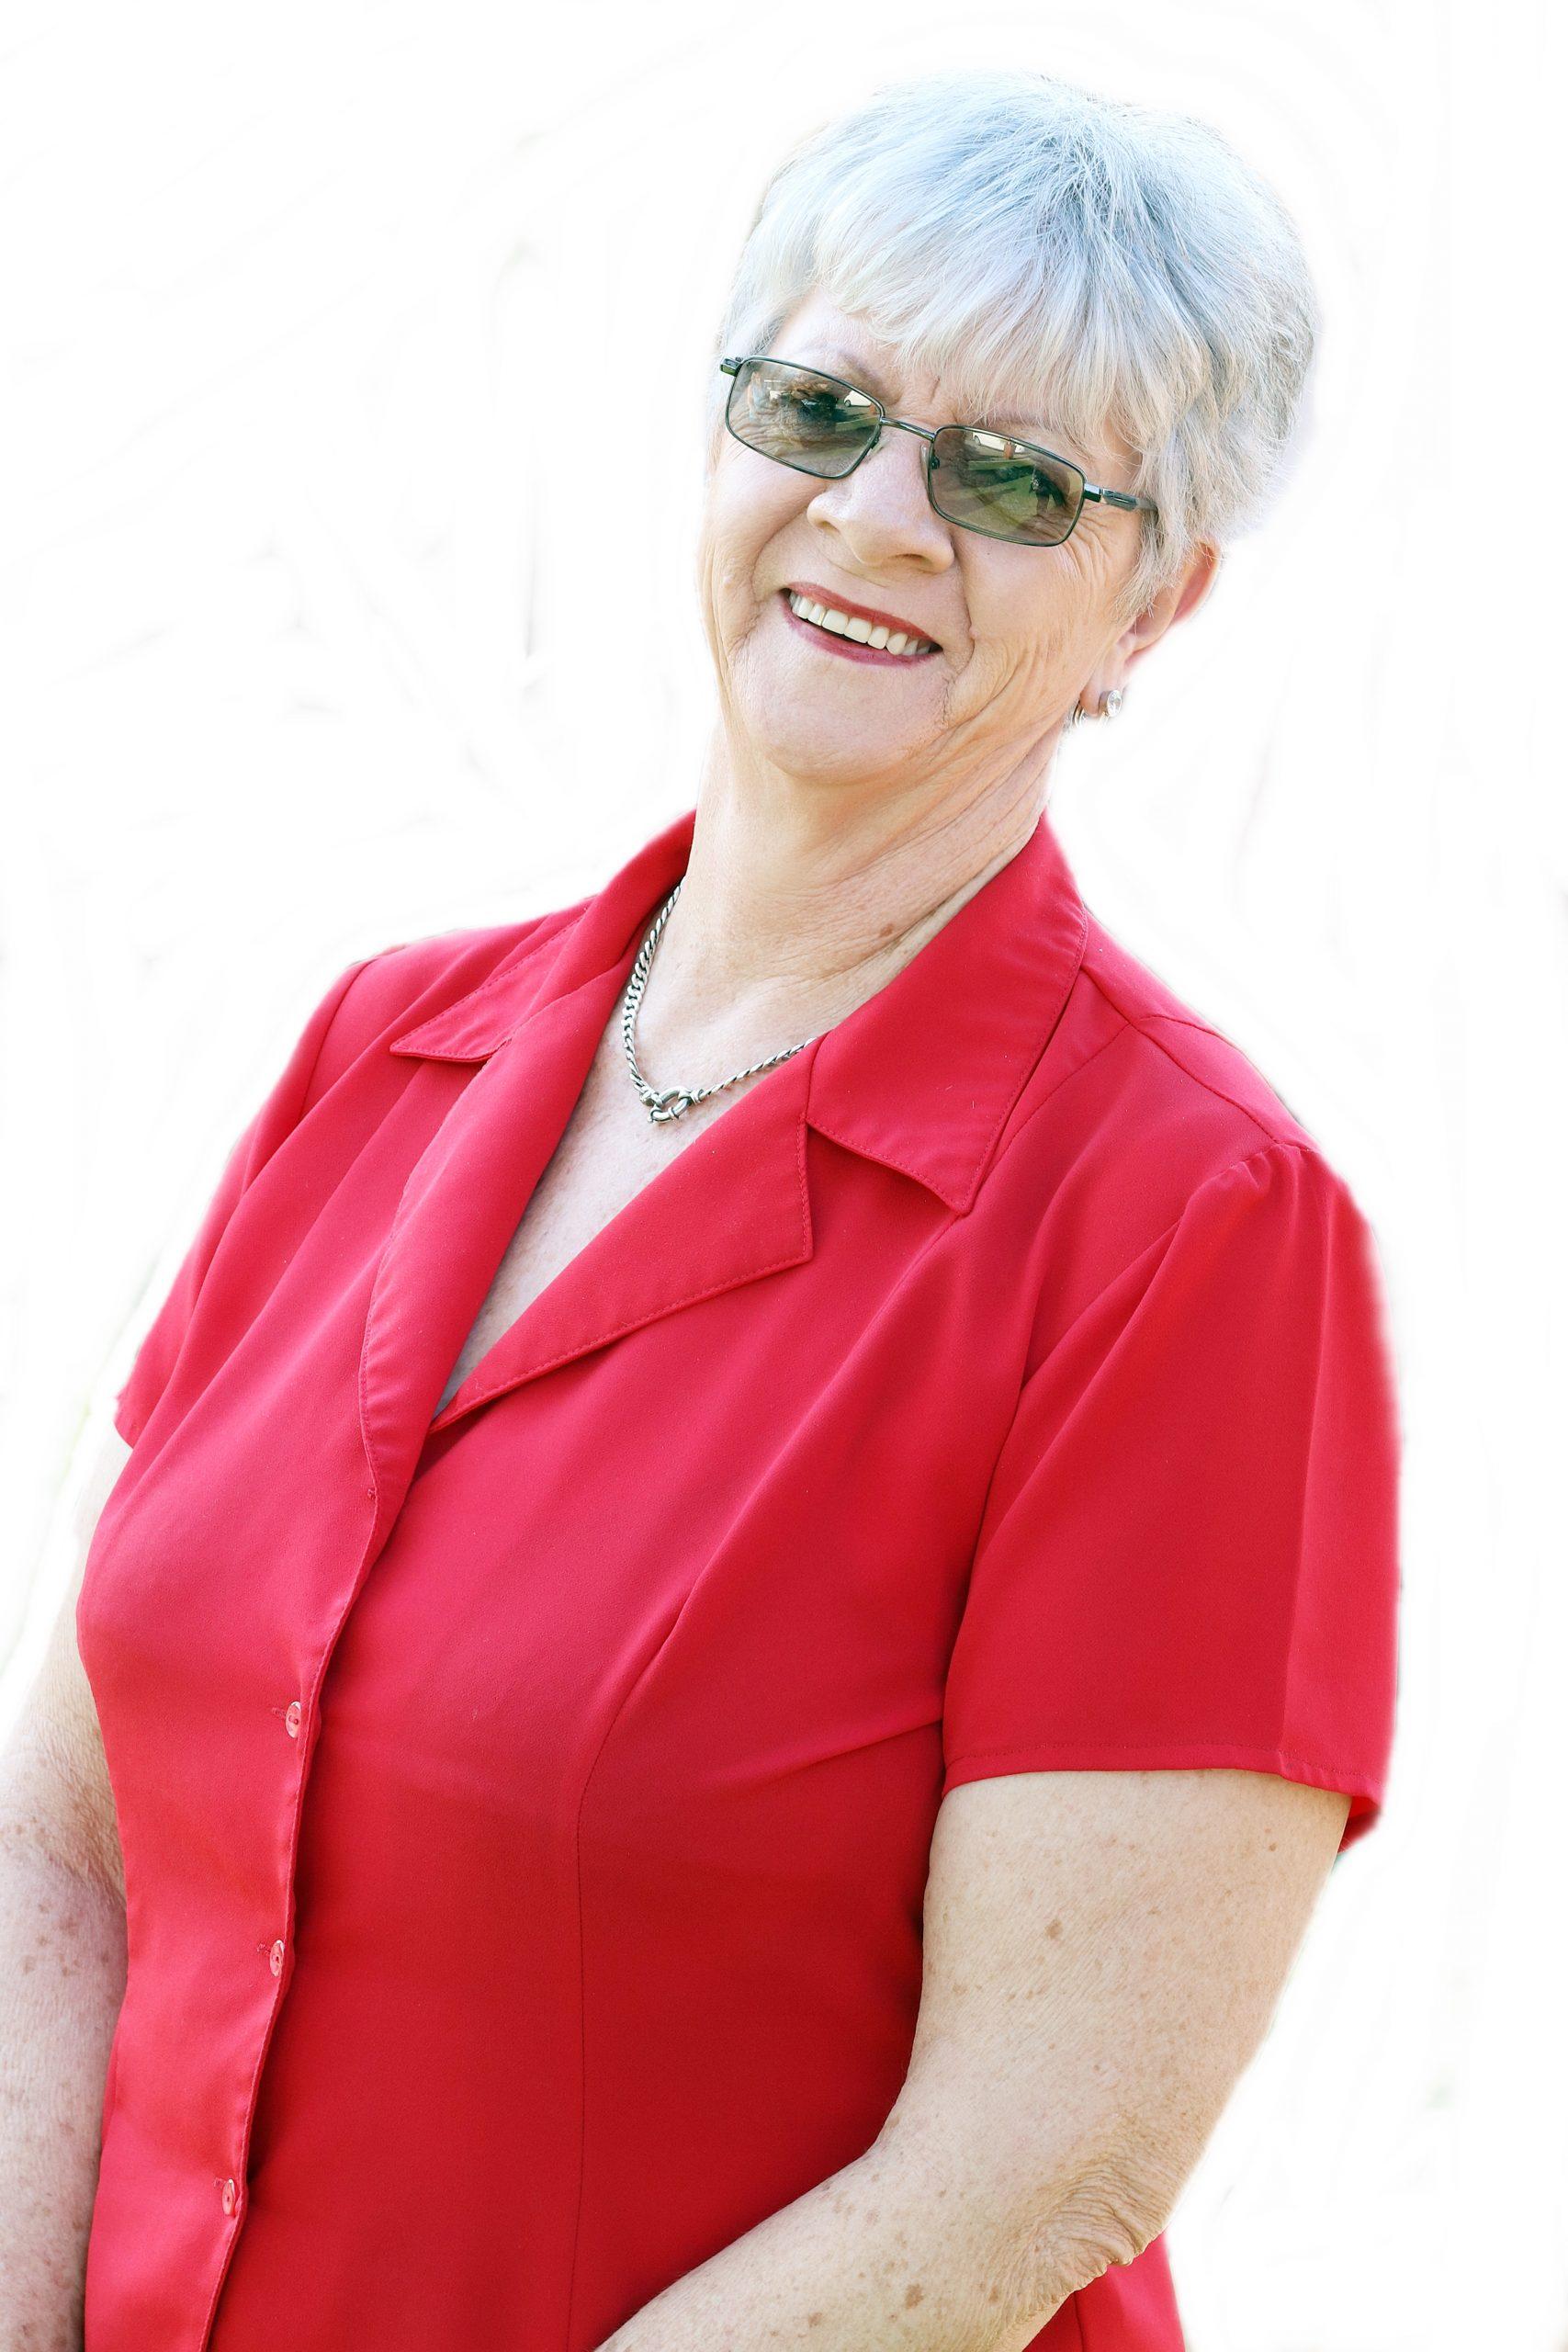 Pam van Loggerenberg